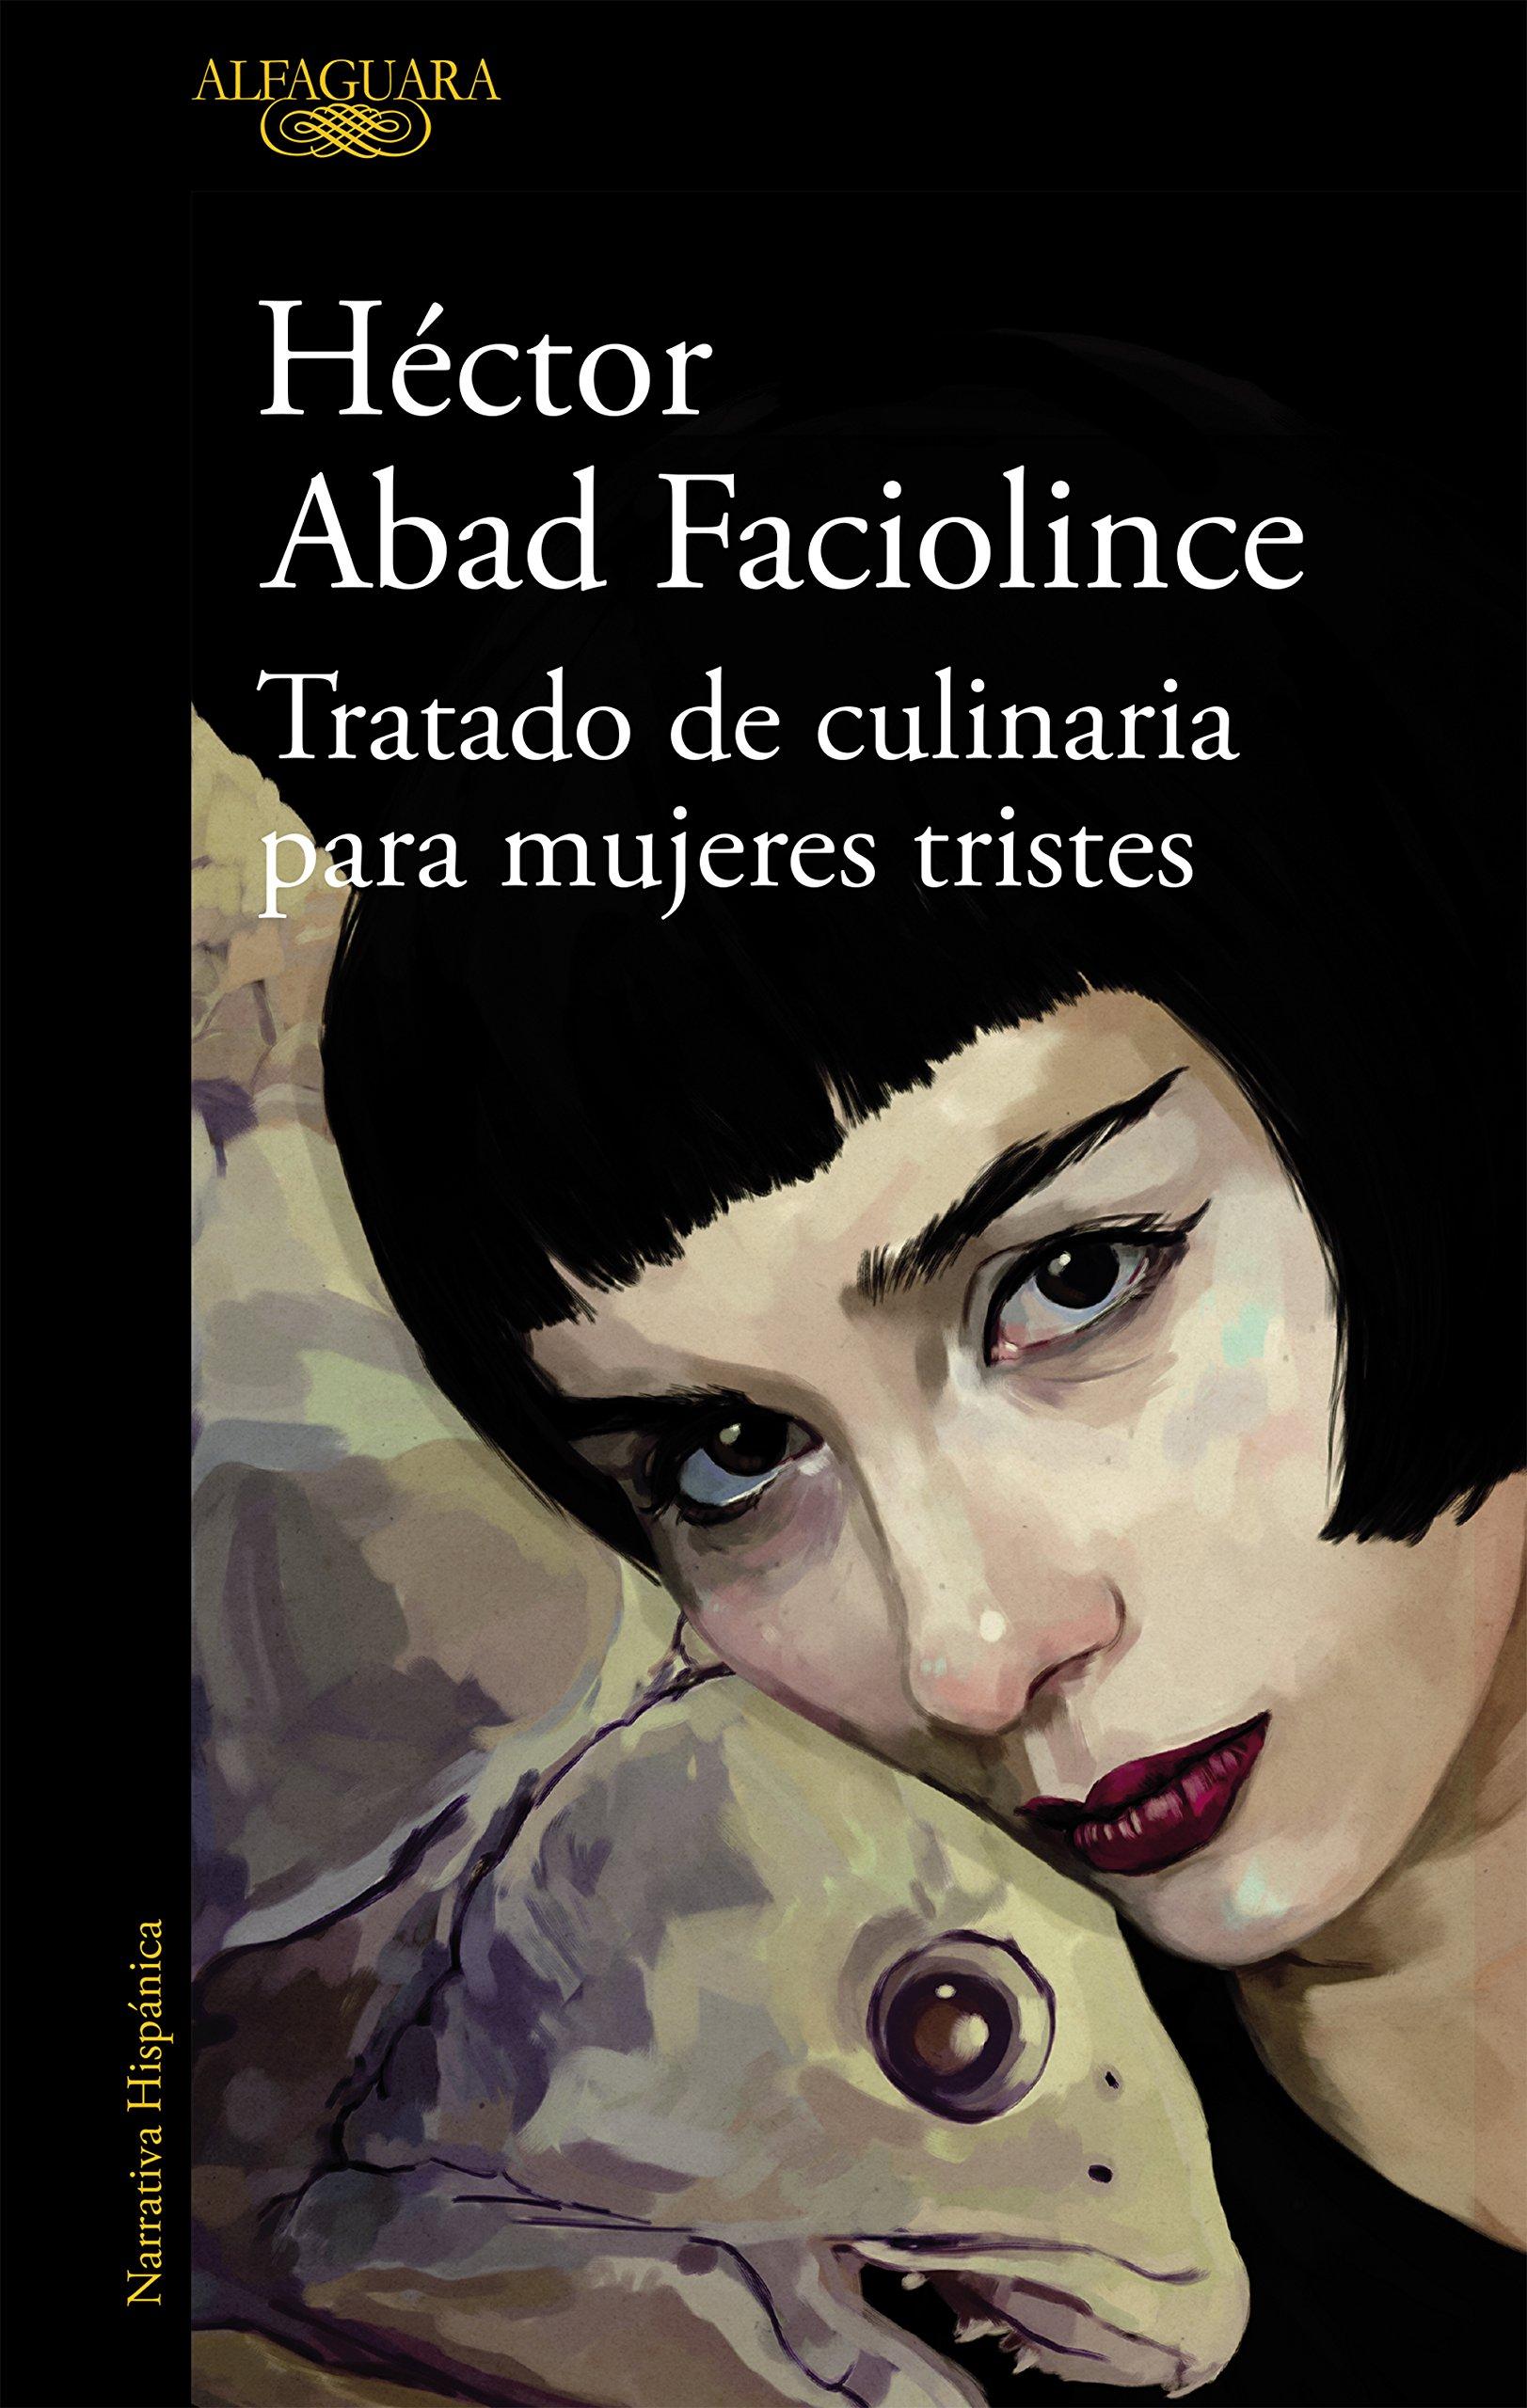 Tratado de culinaria para mujeres tristes (HISPANICA): Amazon.es: Héctor Abad Faciolince: Libros